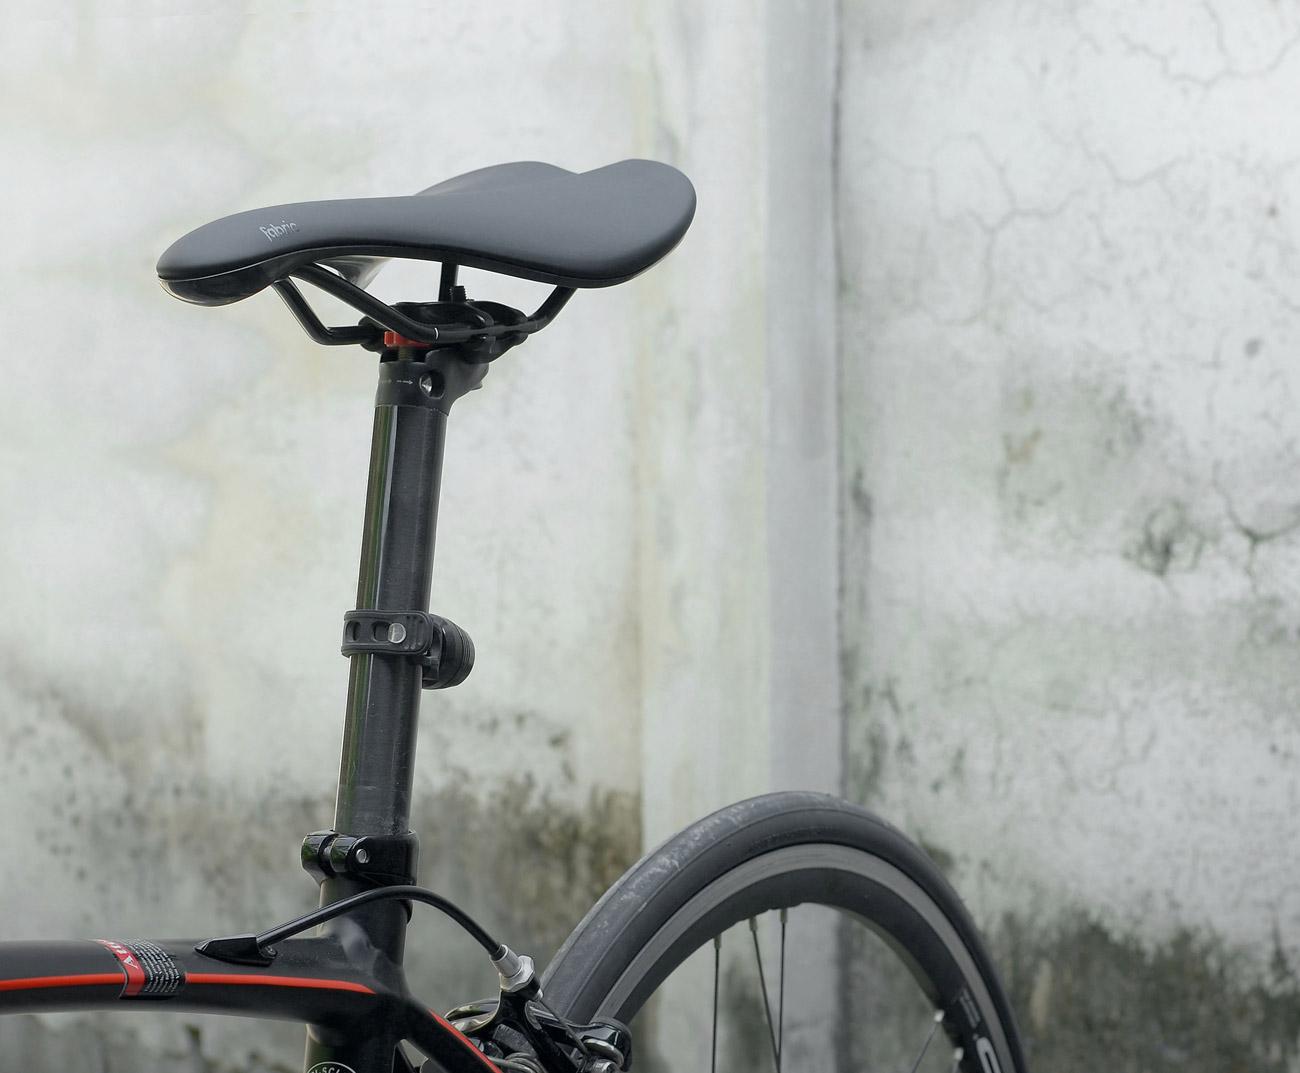 En racersadel eller en sadel till en landsvägscykel